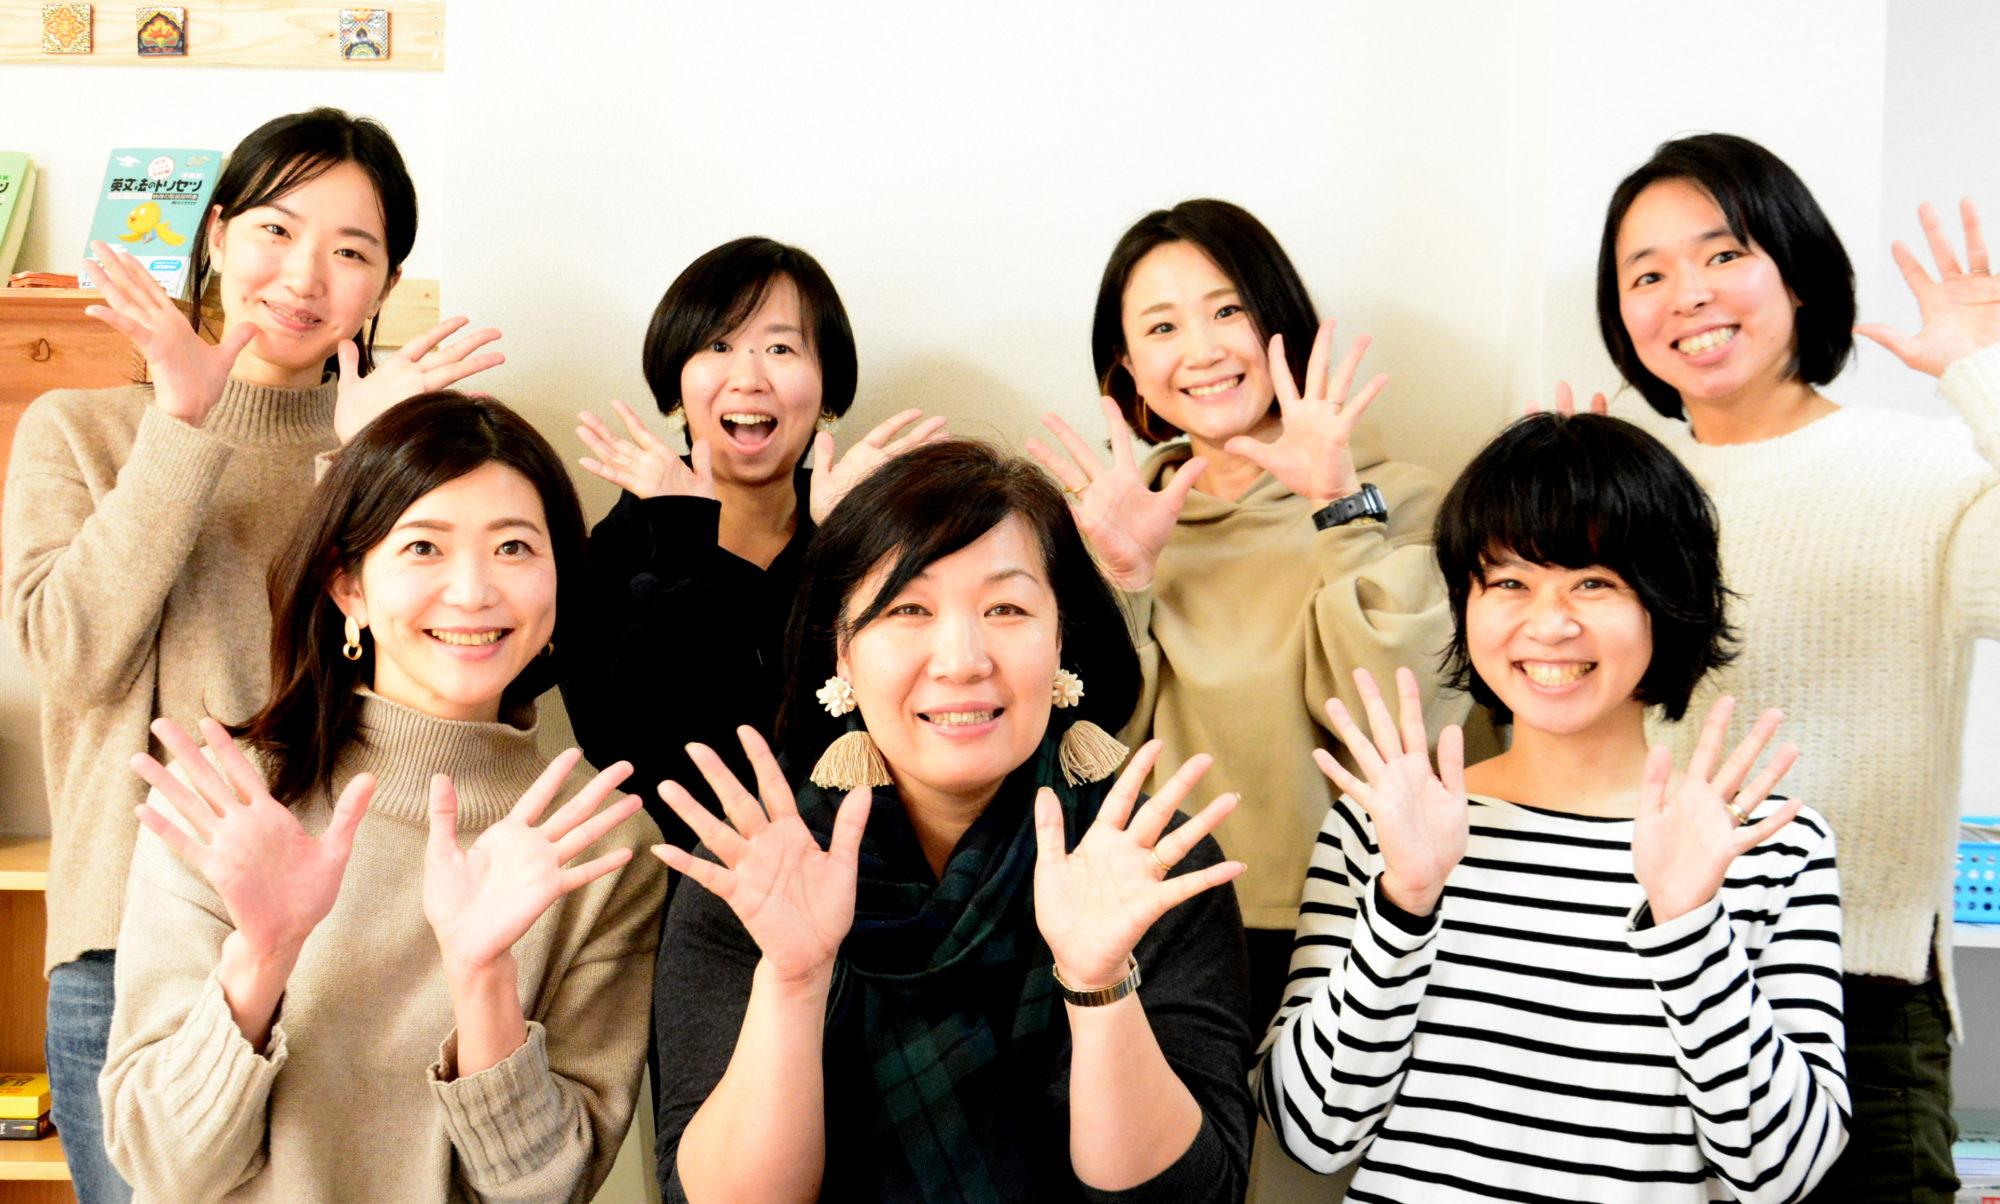 ココスキ ―人生を諦めない女性を全力で応援